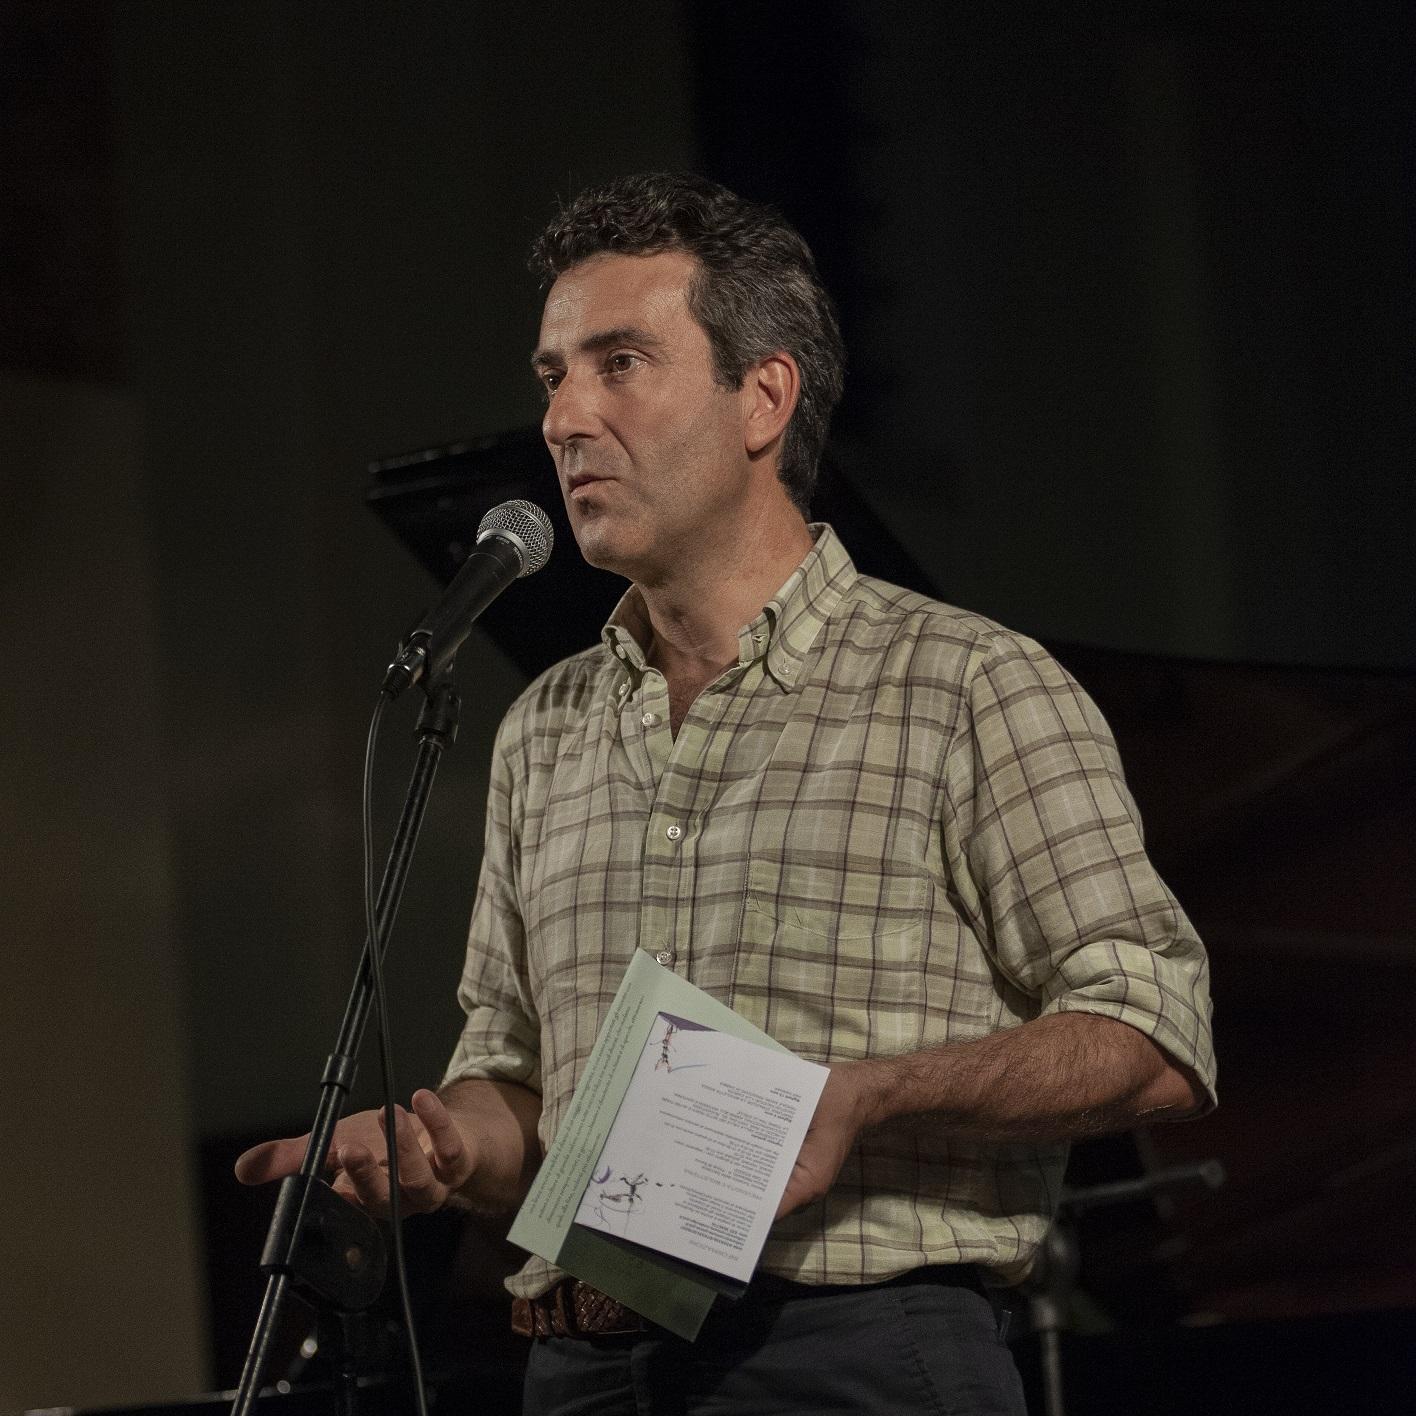 Fernando Marchiori